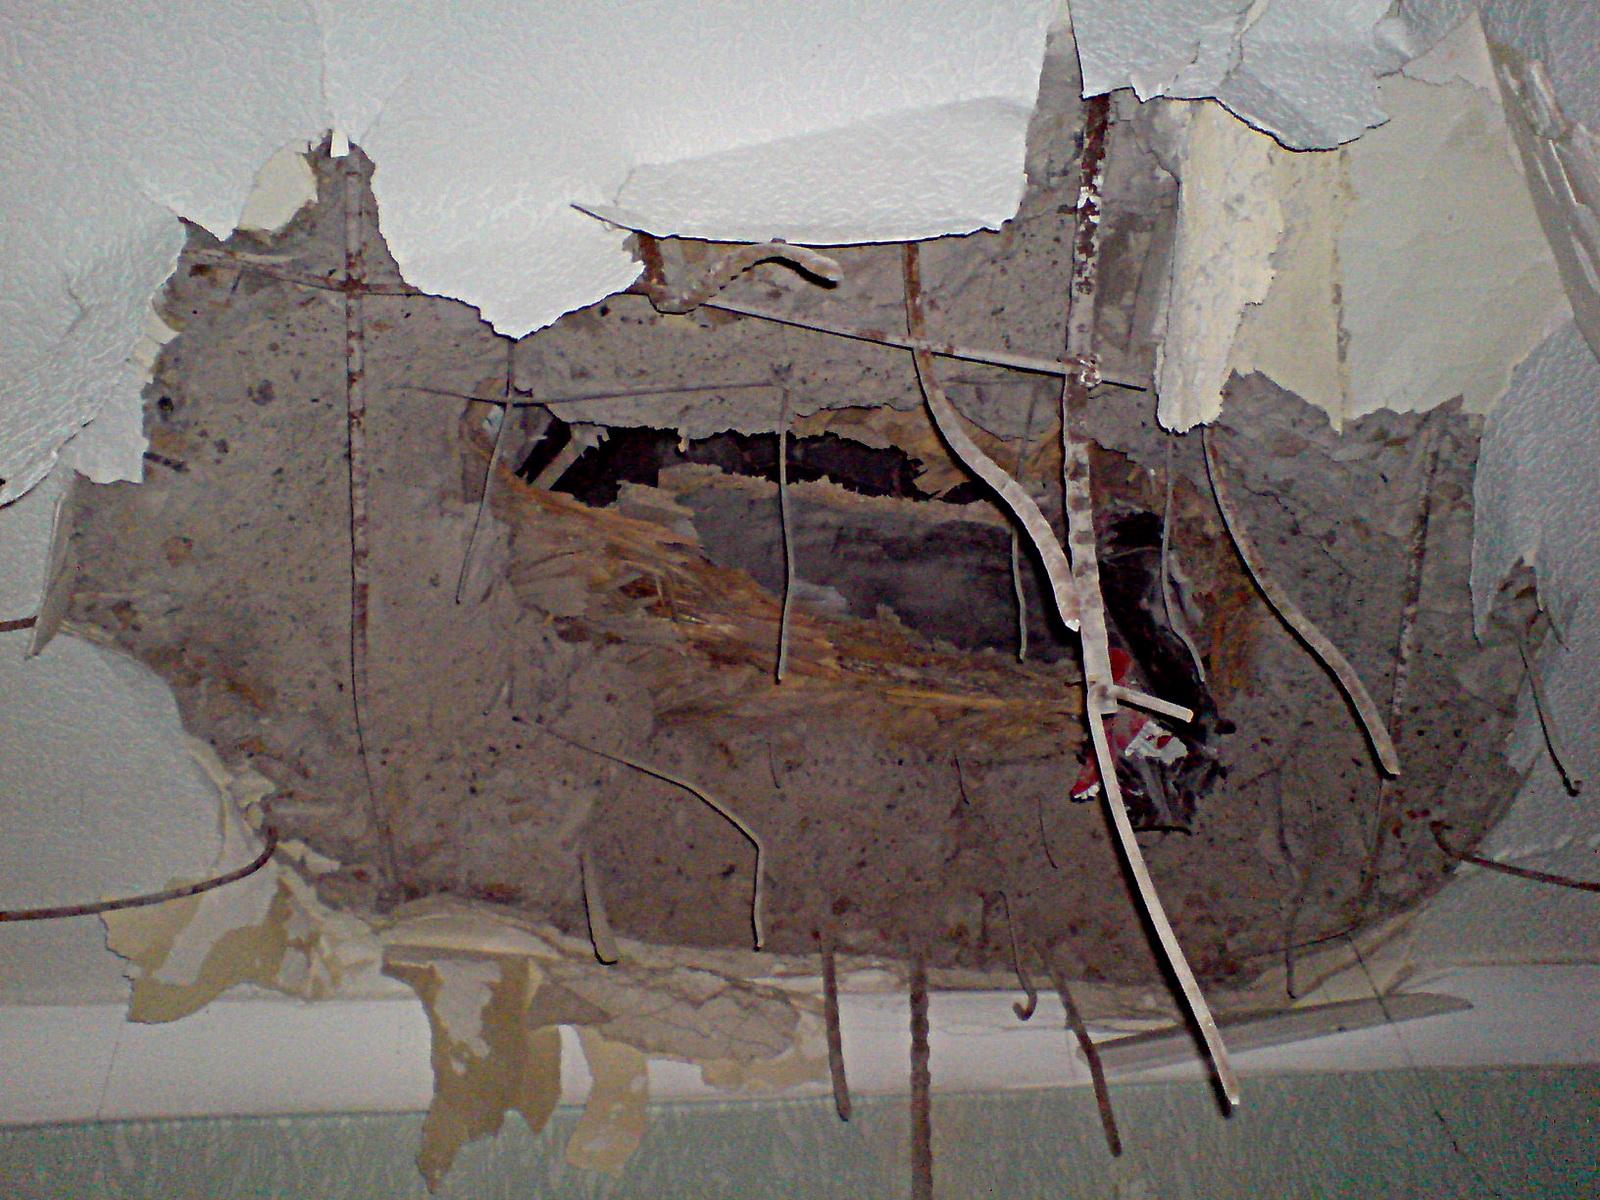 Отверстие в потолке, оставленное снарядом. Фото, предоставленное редакцией «Технополиса»